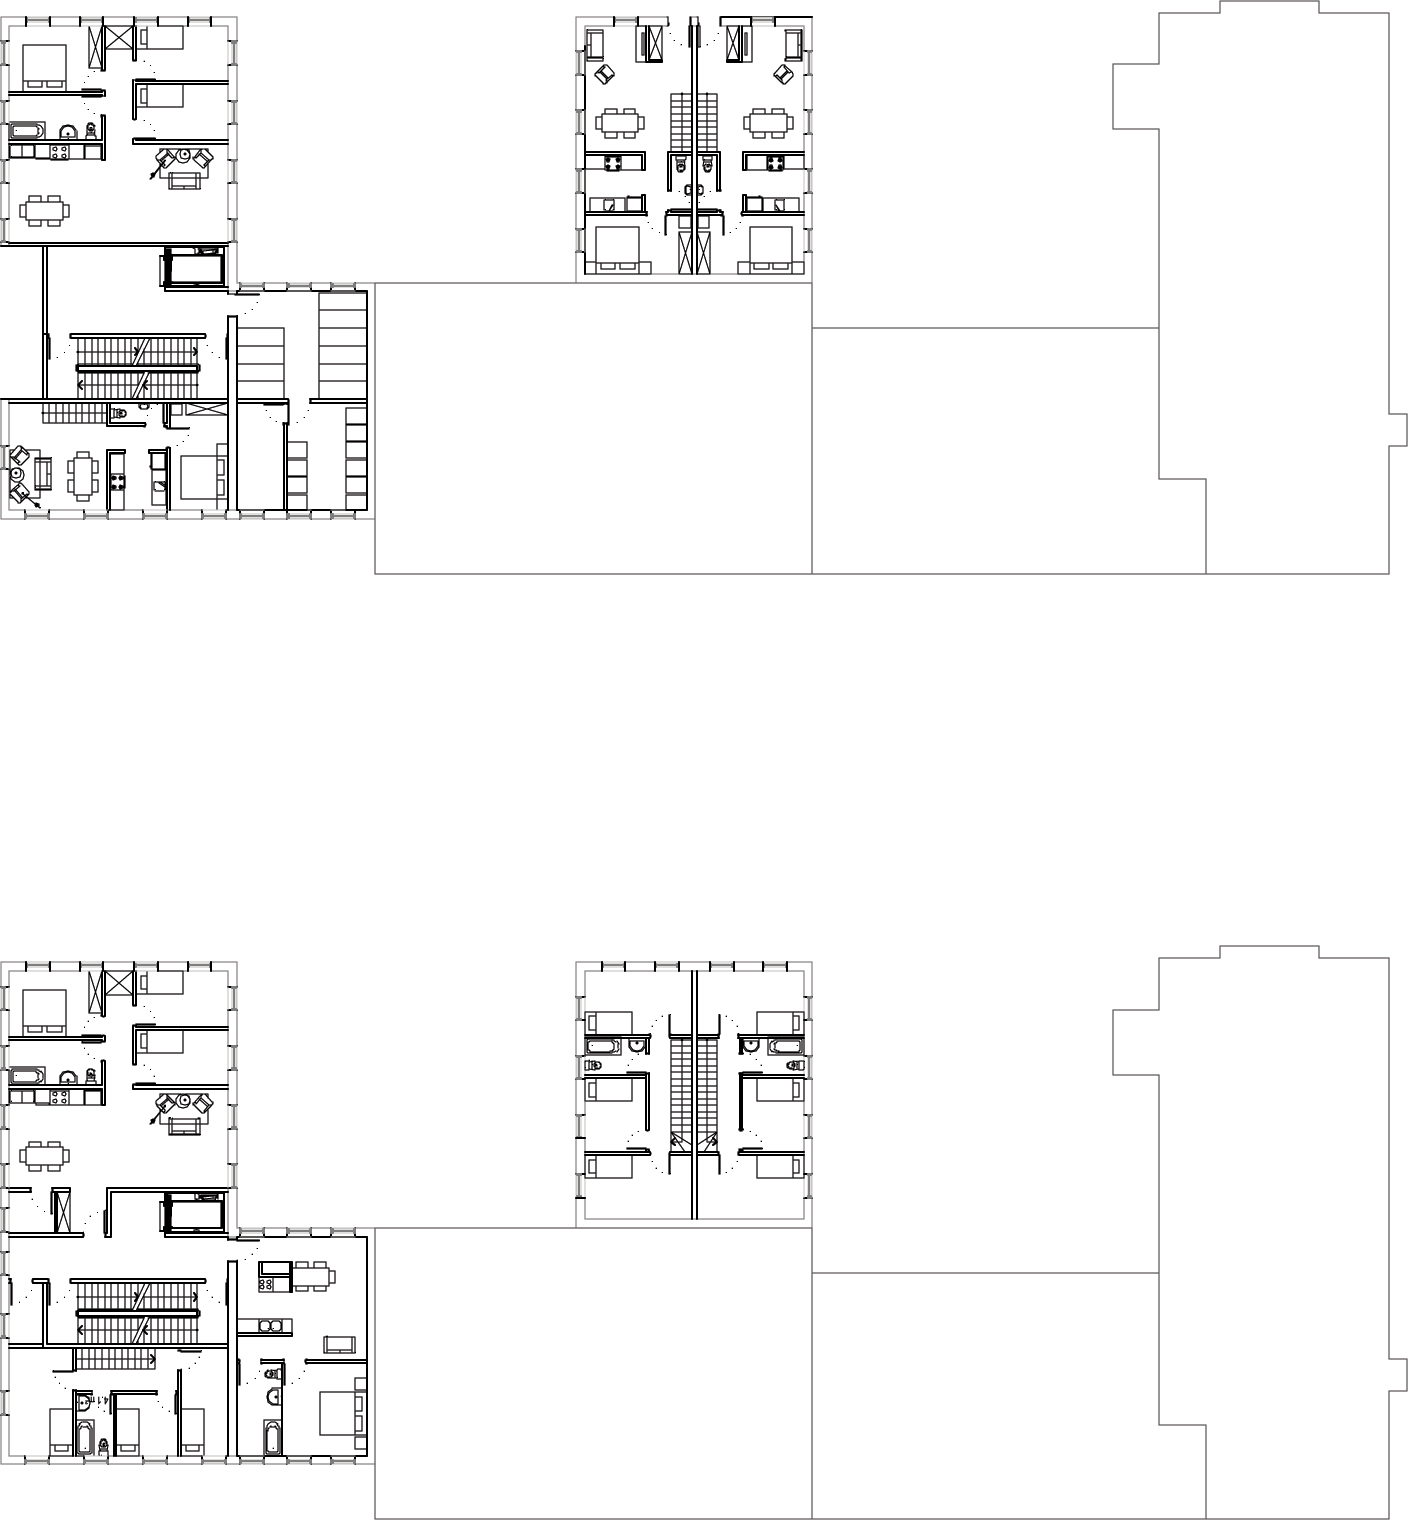 Plan des logements du rez-de-chaussée sur deux niveaux